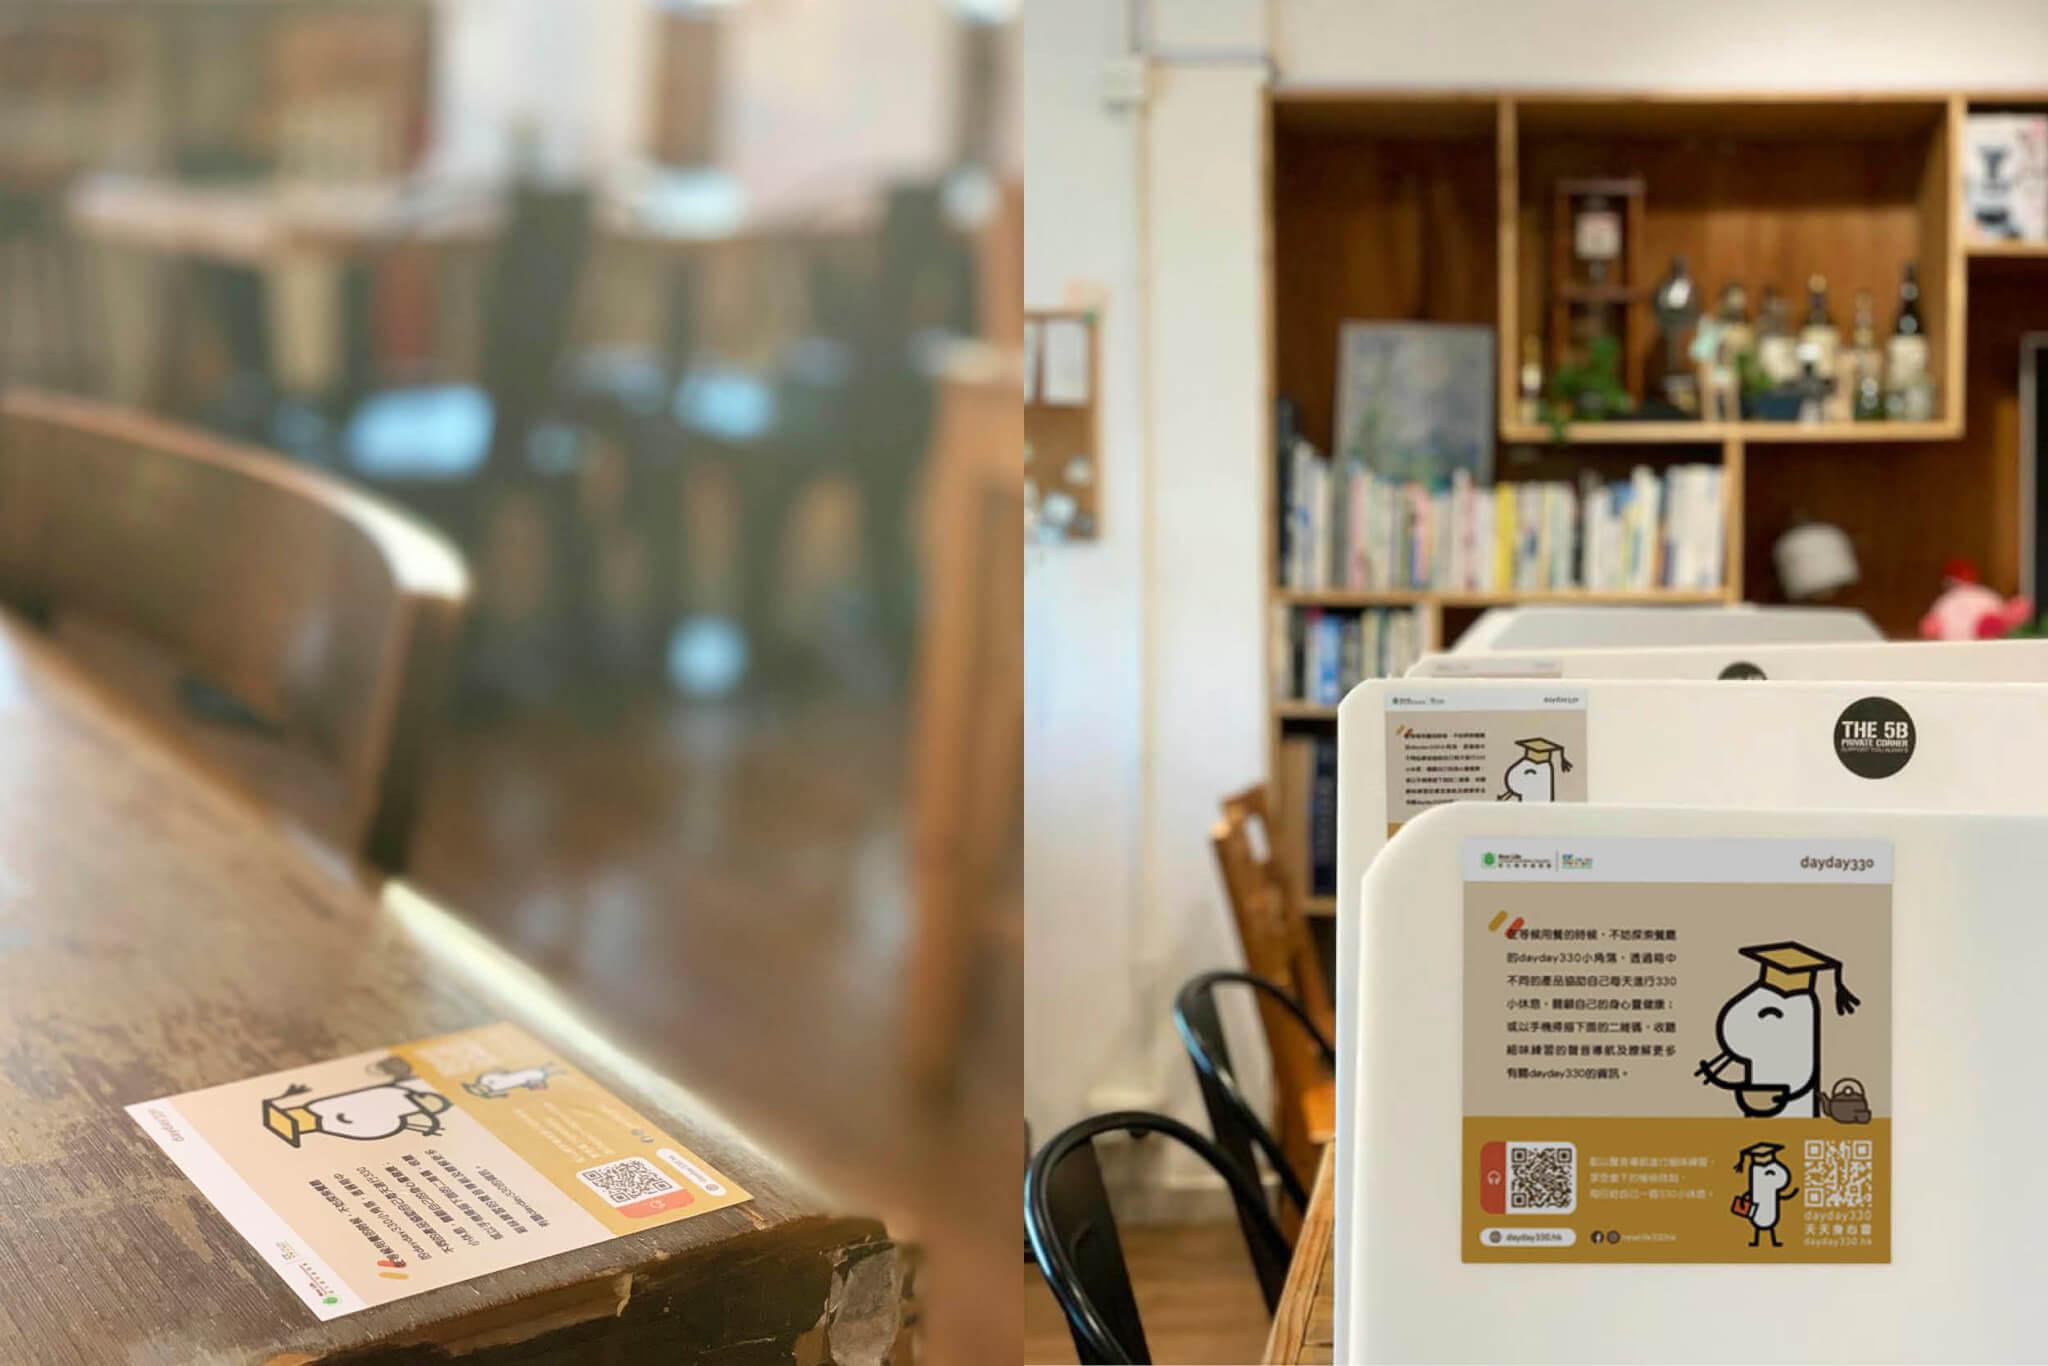 在荃灣5B The Private Corner及觀塘Sujata Café內,你都可以發現餐枱和分隔板上的「細味二維碼」貼紙。不如你都試試花幾分鐘,嘗試由美食帶來的心靈小休?